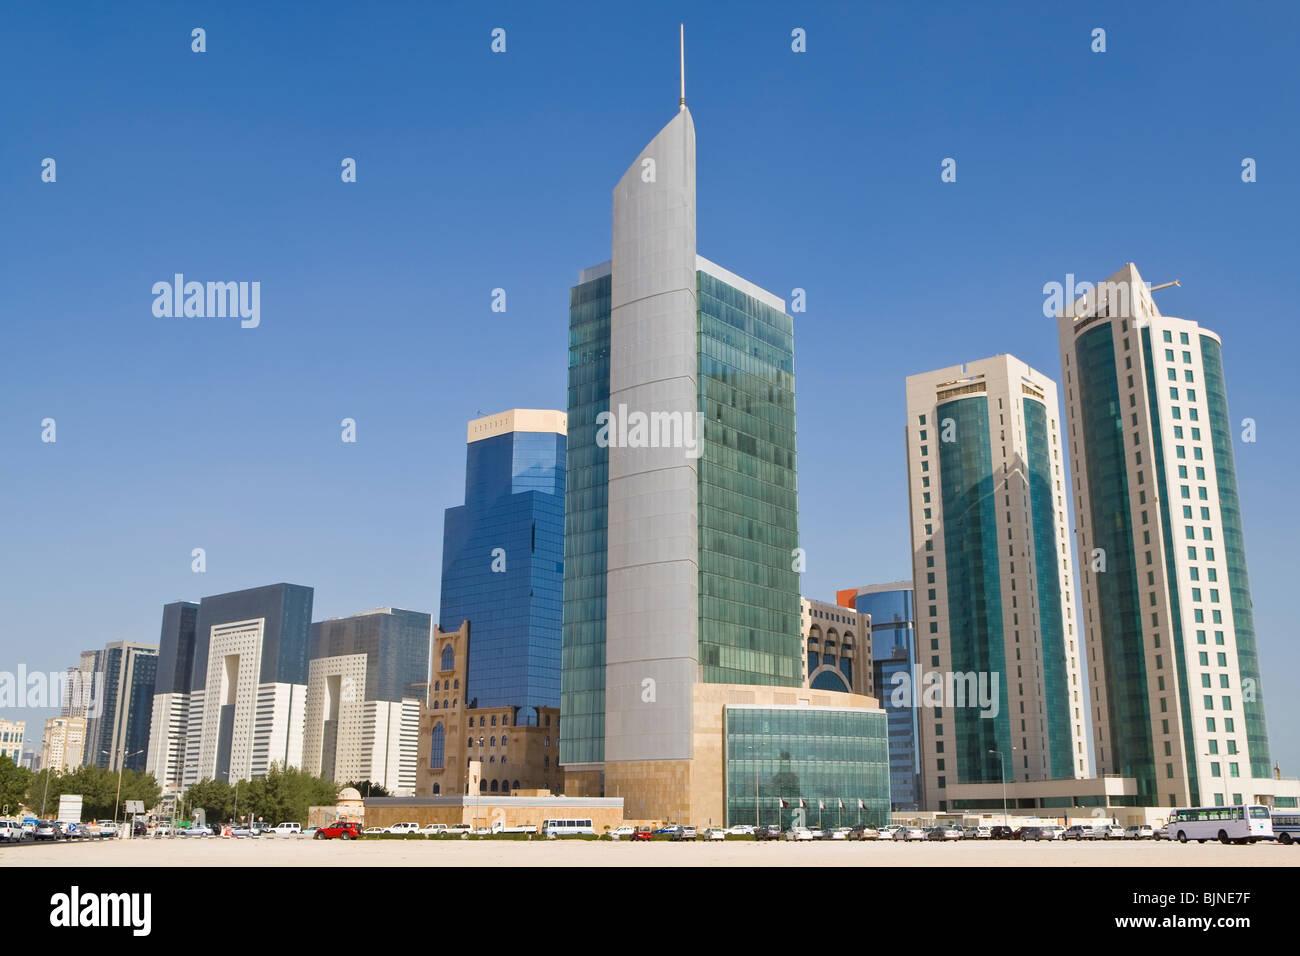 Photographie de la gratte-ciel et immeubles de bureaux du quartier financier de Doha, Qatar Skyline Photo Stock